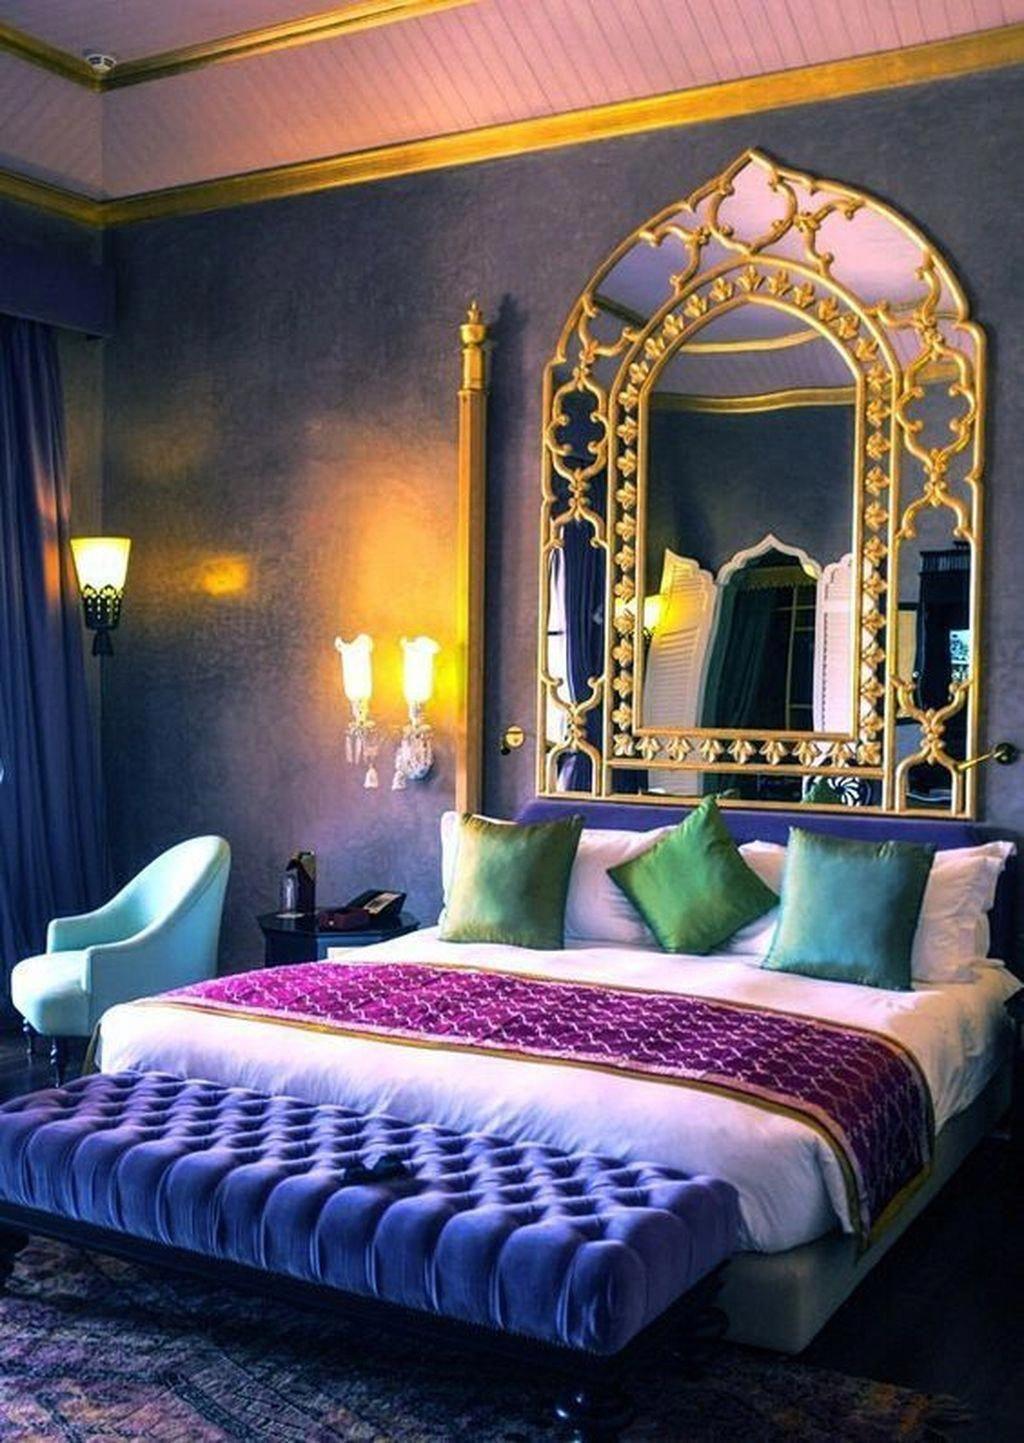 Fascinatingbedroom Moroccan Decor Bedroom Moroccan Bedroom